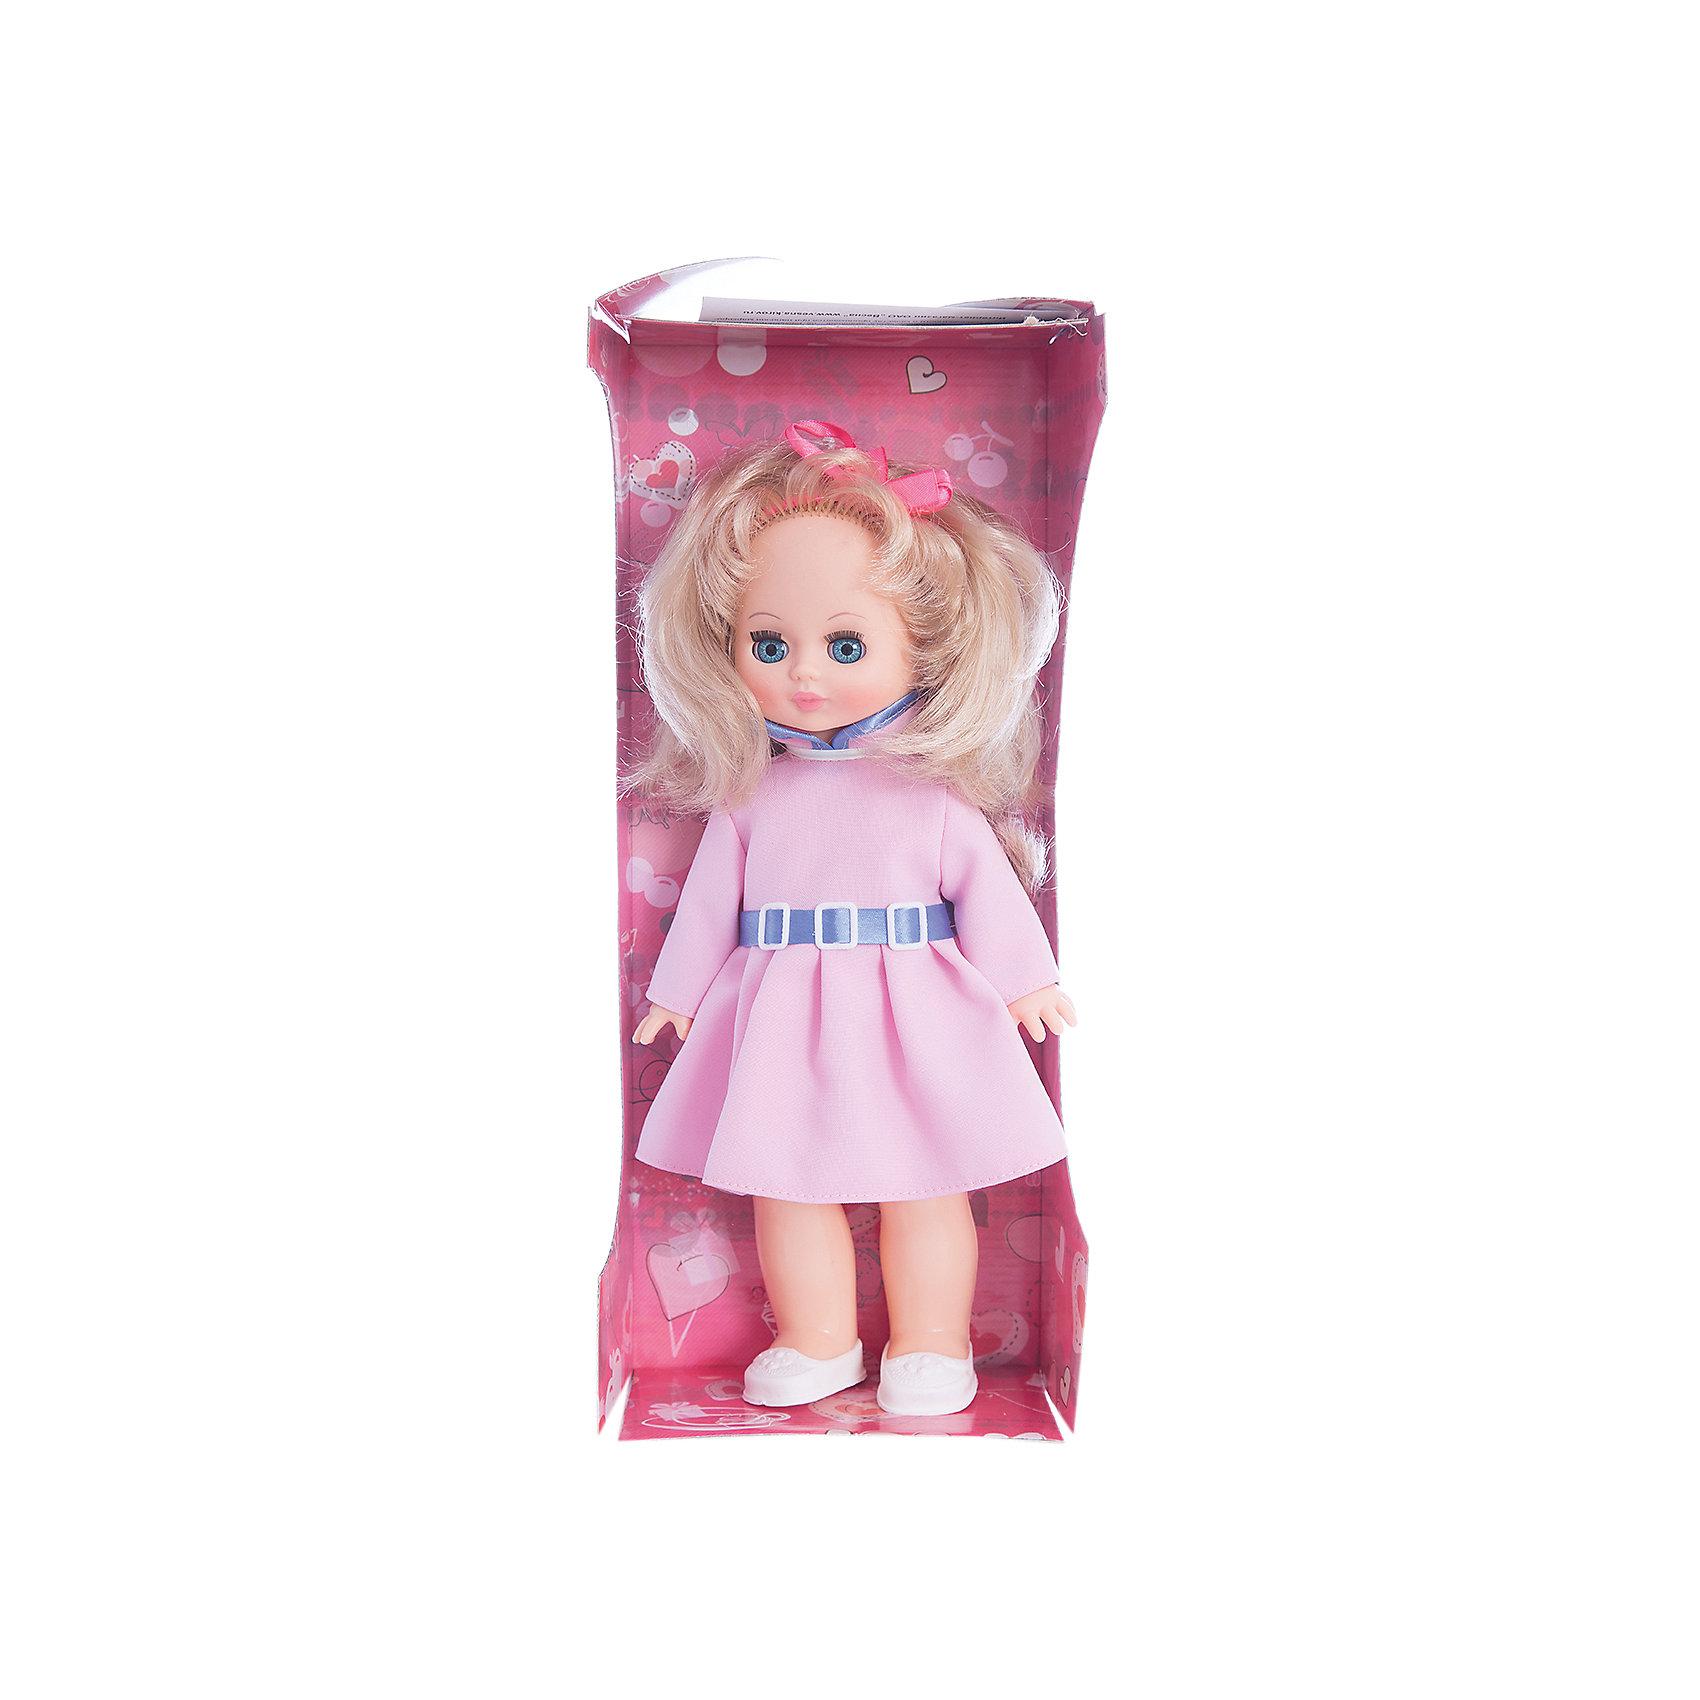 Кукла Жанна 7, со звуком, 36 см, ВеснаИнтерактивные куклы<br>Красивая кукла от отечественного производителя способна не просто помочь ребенку весело проводить время, но и научить девочку одеваться со вкусом. На ней - модный костюм, всё можно снимать и надевать.<br>Кукла произносит несколько фраз, механизм работает от батареек. Очень красиво смотрятся пышные волосы, на которых можно делать прически. Сделана игрушка из качественных и безопасных для ребенка материалов. Такая кукла поможет ребенку освоить механизмы социальных взаимодействий, развить моторику и воображение. Также куклы помогают девочкам научиться заботиться о других.<br><br>Дополнительная информация:<br><br>- материал: пластмасса;<br>- волосы: прошивные;<br>- открывающиеся глаза;<br>- звуковой модуль;<br>- снимающаяся одежда и обувь;<br>- высота: 36 см.<br><br>Комплектация:<br><br>- одежда;<br>- три батарейки СЦ 357.<br><br>Куклу Жанна 7, со звуком, от марки Весна можно купить в нашем магазине.<br><br>Ширина мм: 170<br>Глубина мм: 100<br>Высота мм: 420<br>Вес г: 340<br>Возраст от месяцев: 36<br>Возраст до месяцев: 1188<br>Пол: Женский<br>Возраст: Детский<br>SKU: 4701840